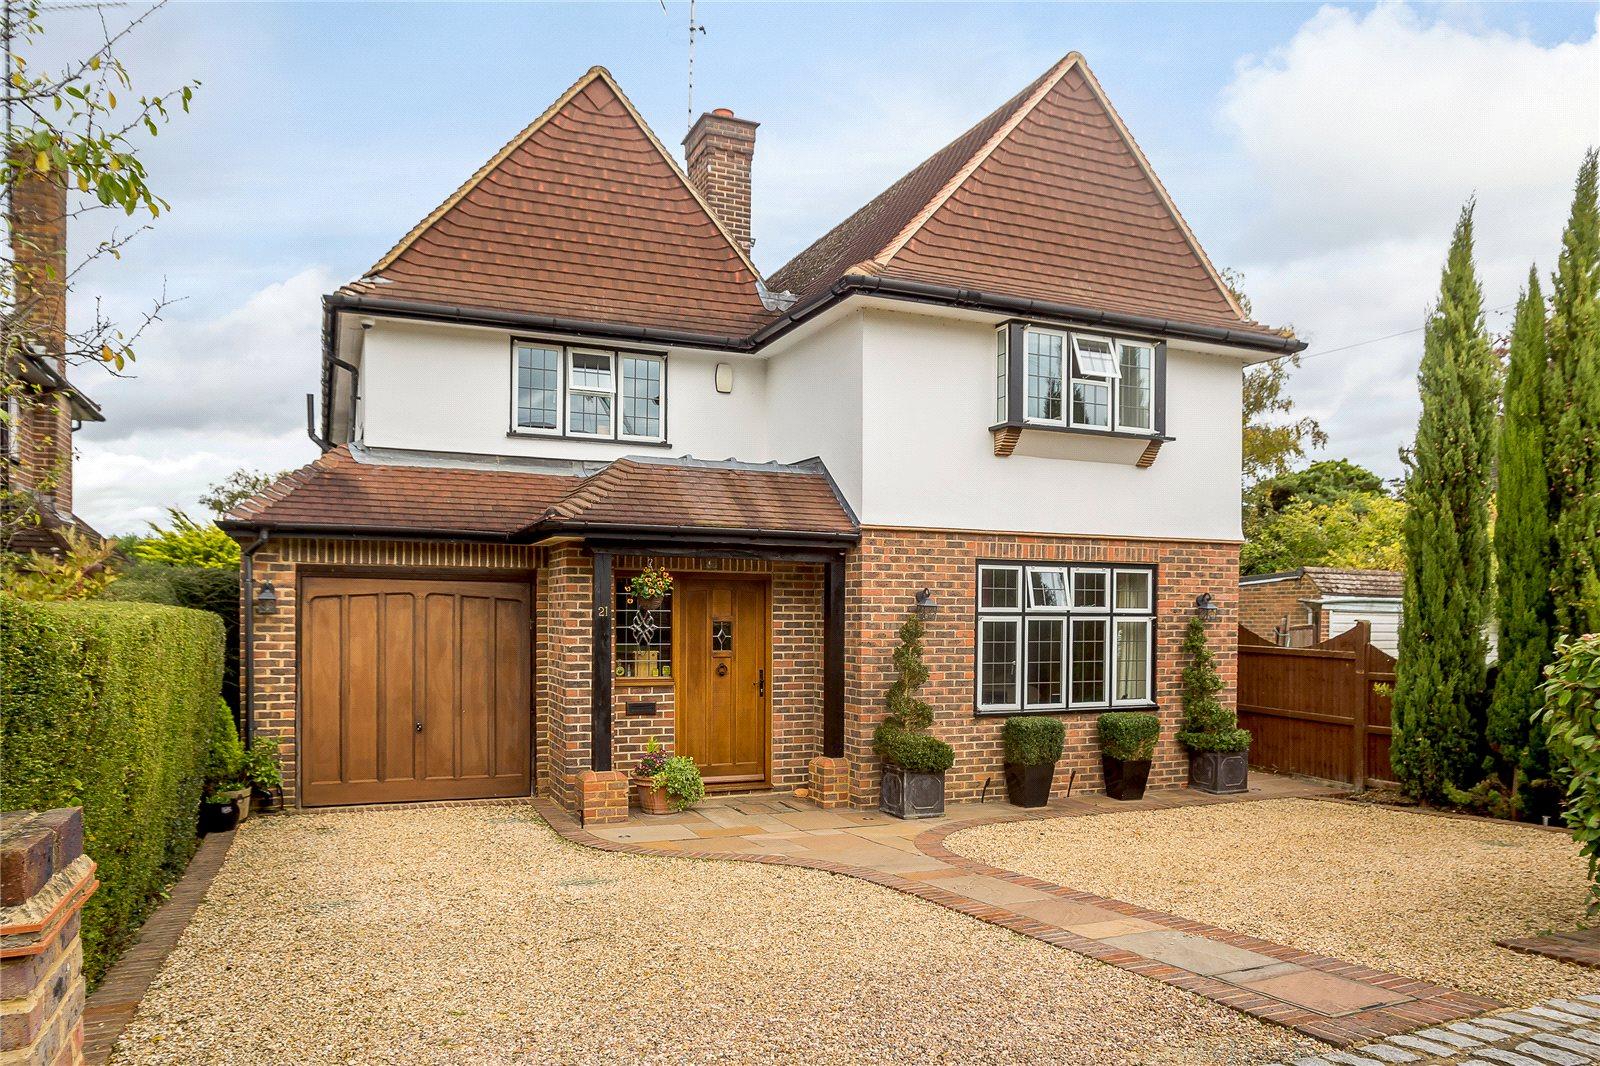 一戸建て のために 売買 アット Grasmere Avenue, Harpenden, Hertfordshire, AL5 Harpenden, イギリス